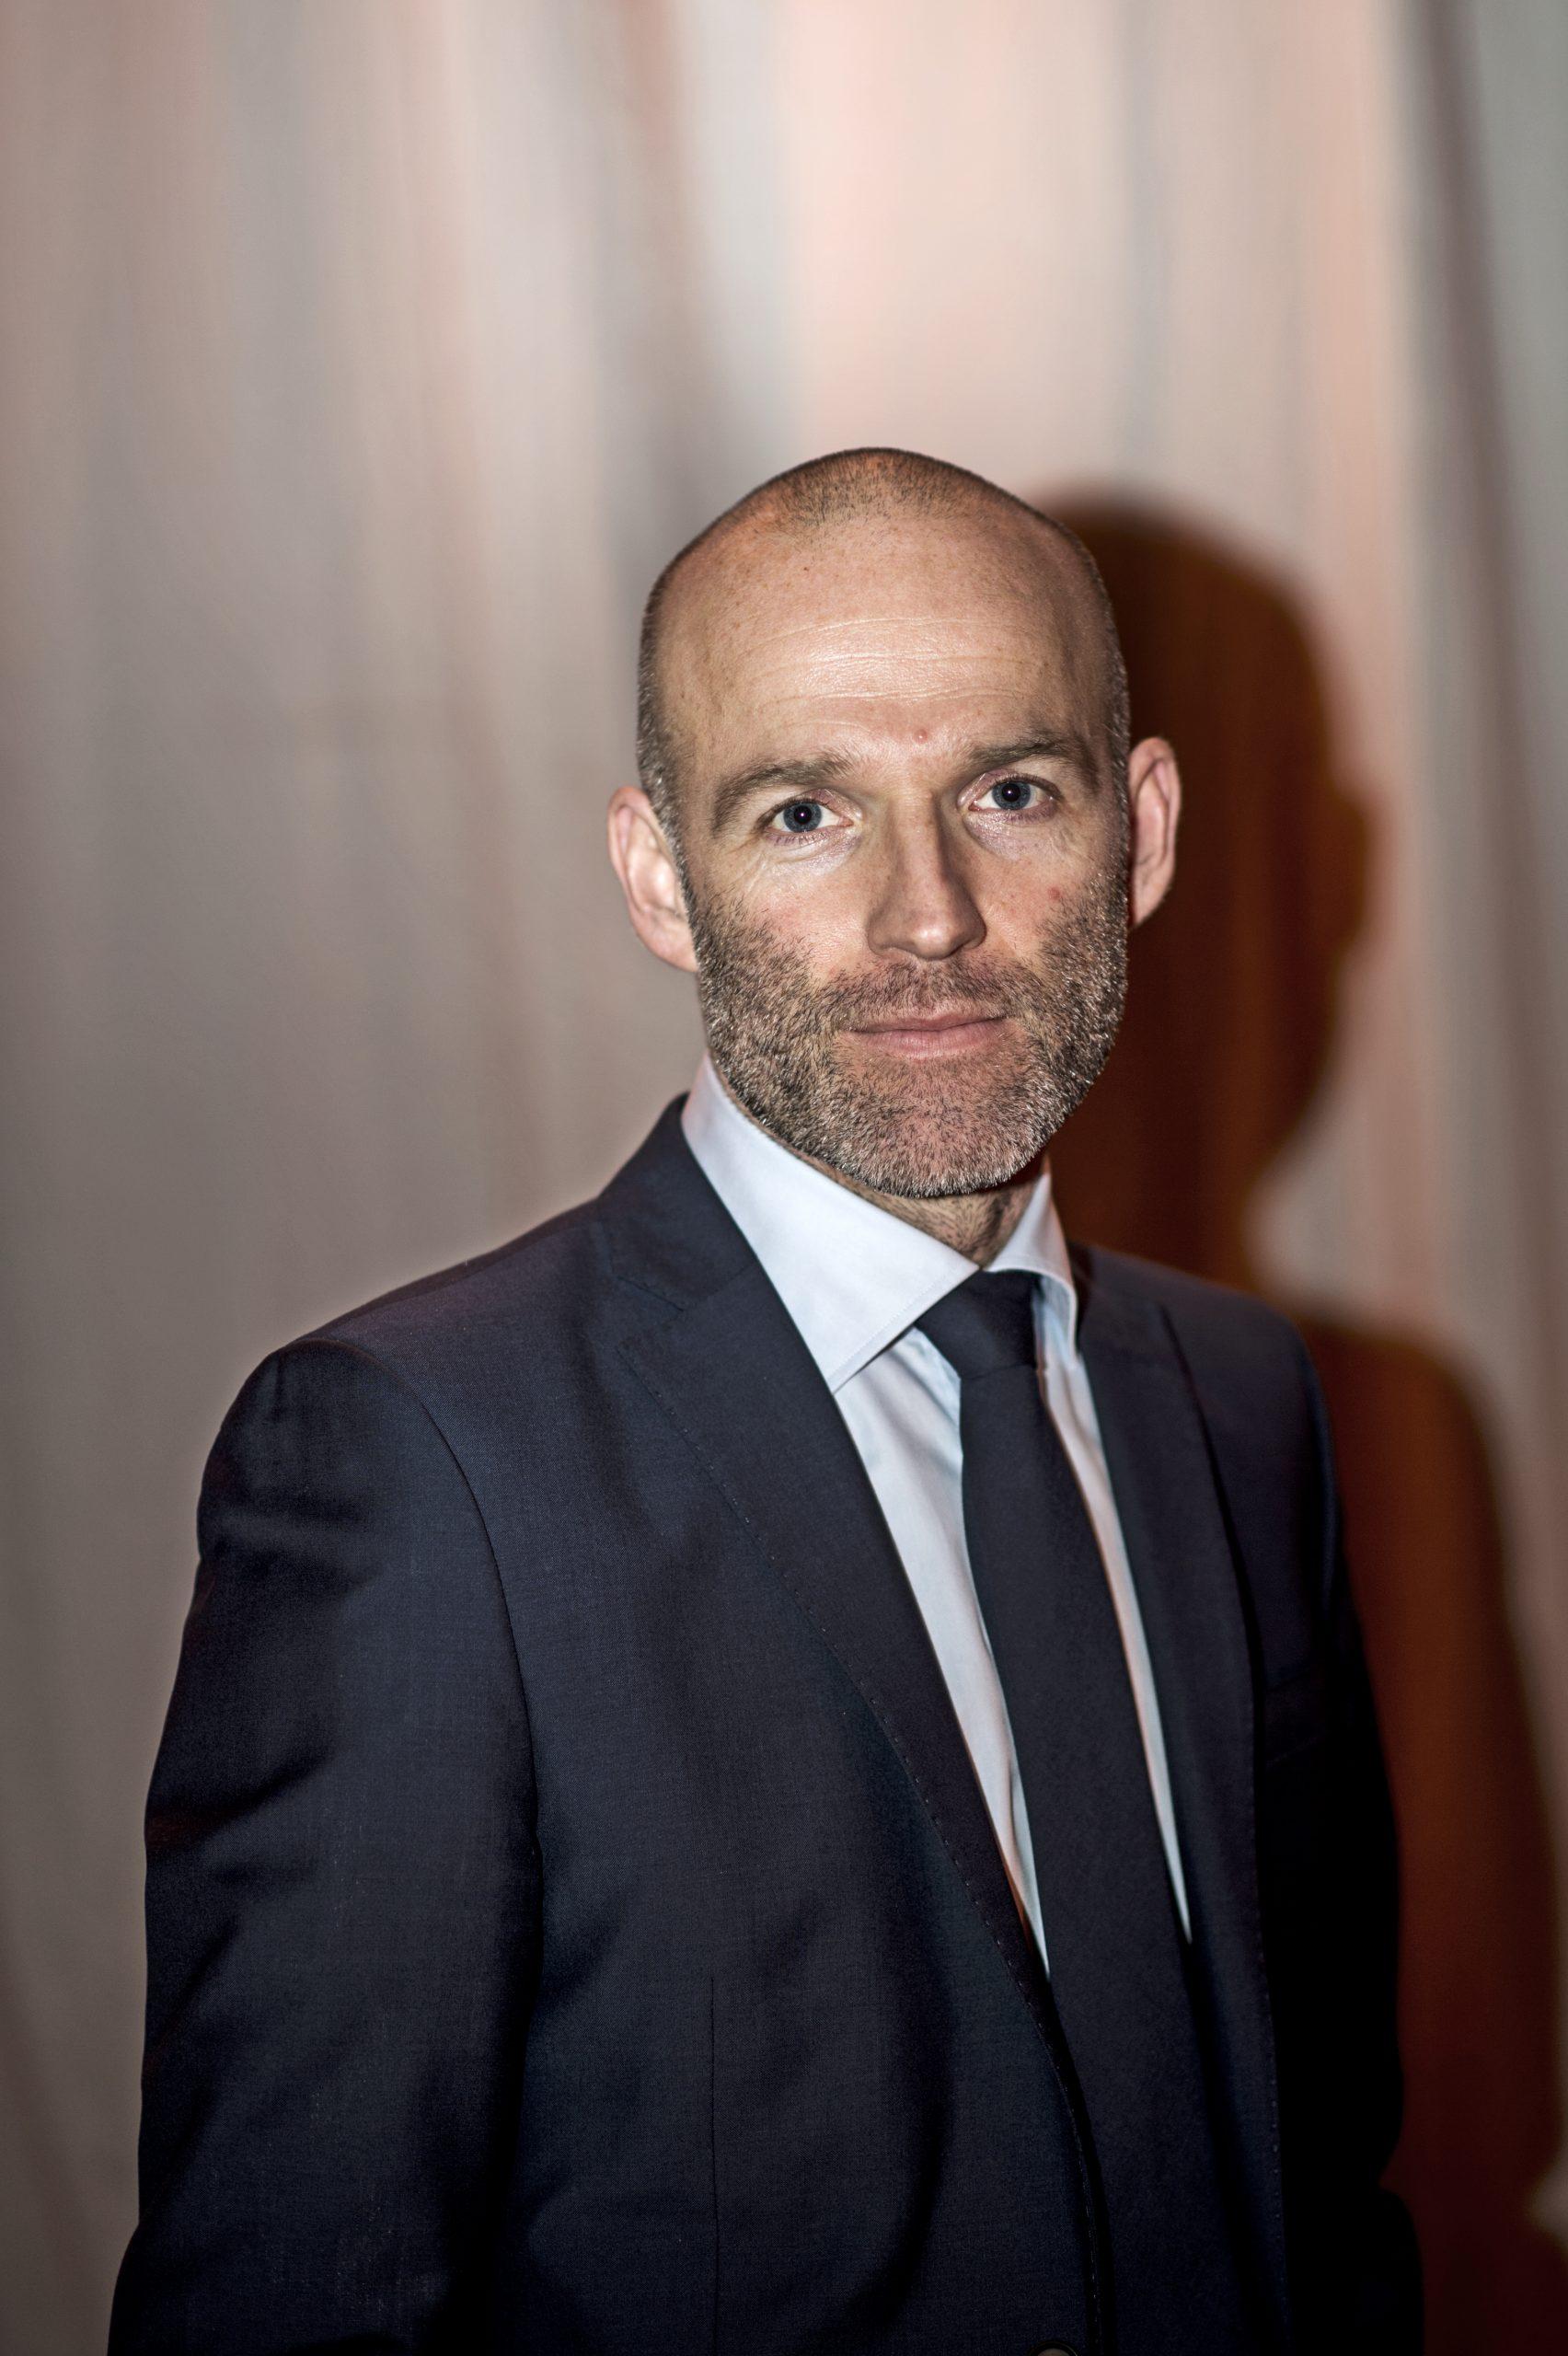 JP/Politiken-direktør: Alt for tidligt at fyre som Berlingske